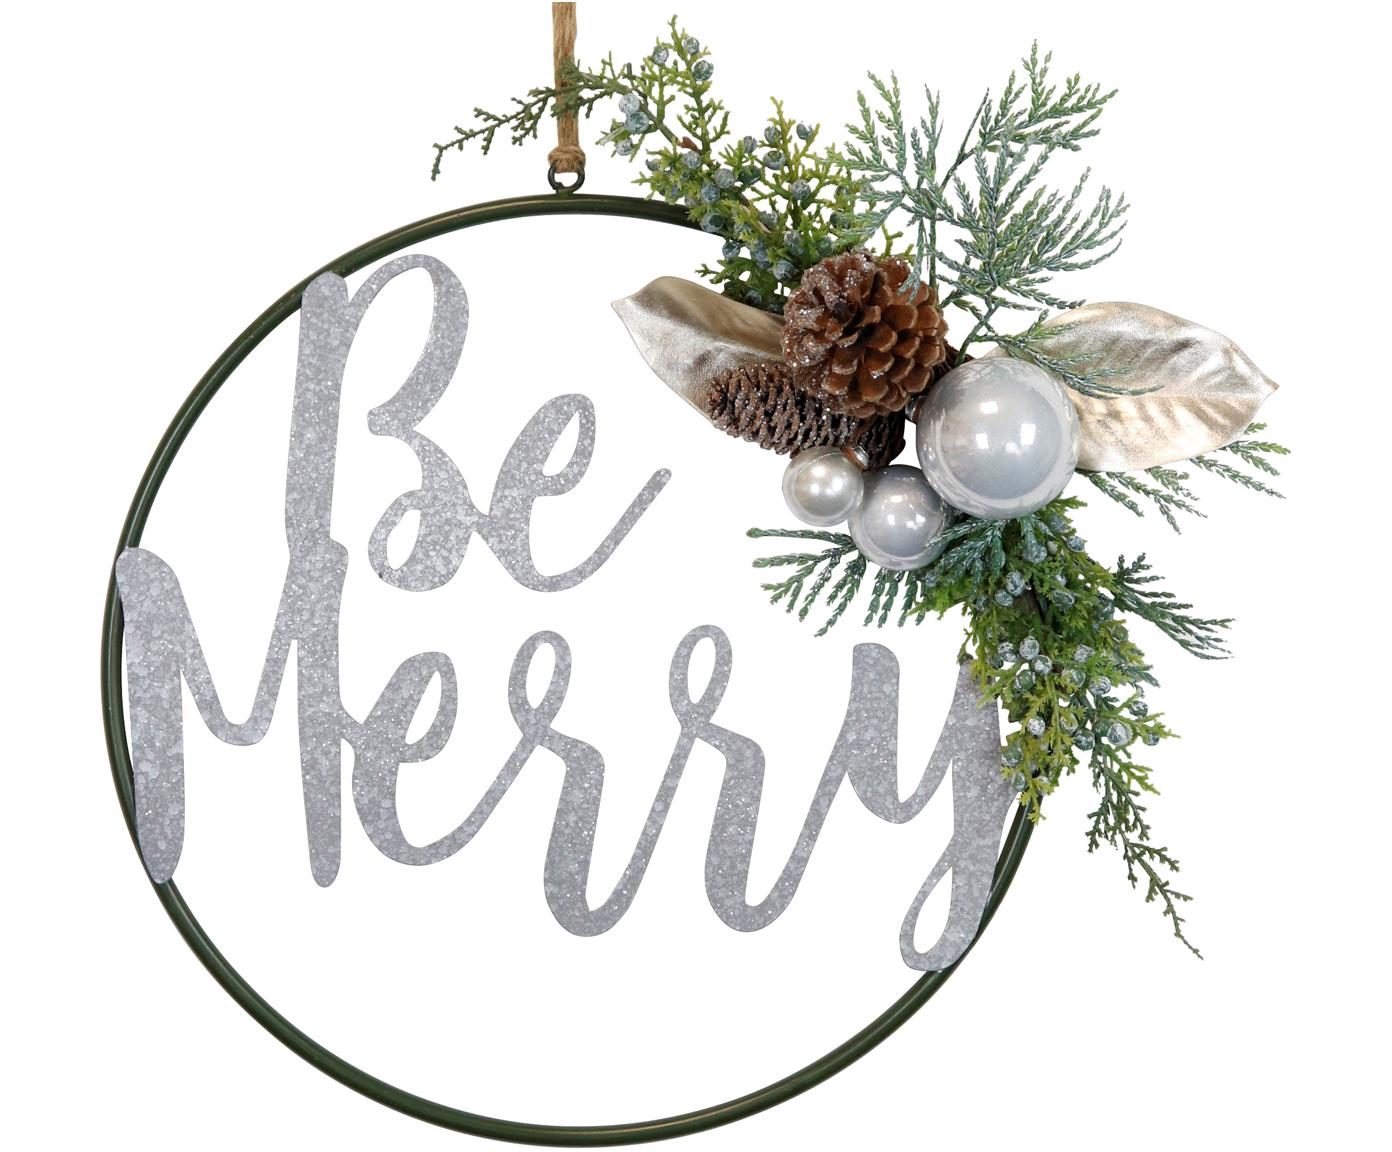 Adorno navideño Be Merry, Metal, plástico, cordón, Verde, marrón, blanco, Ø 36 cm